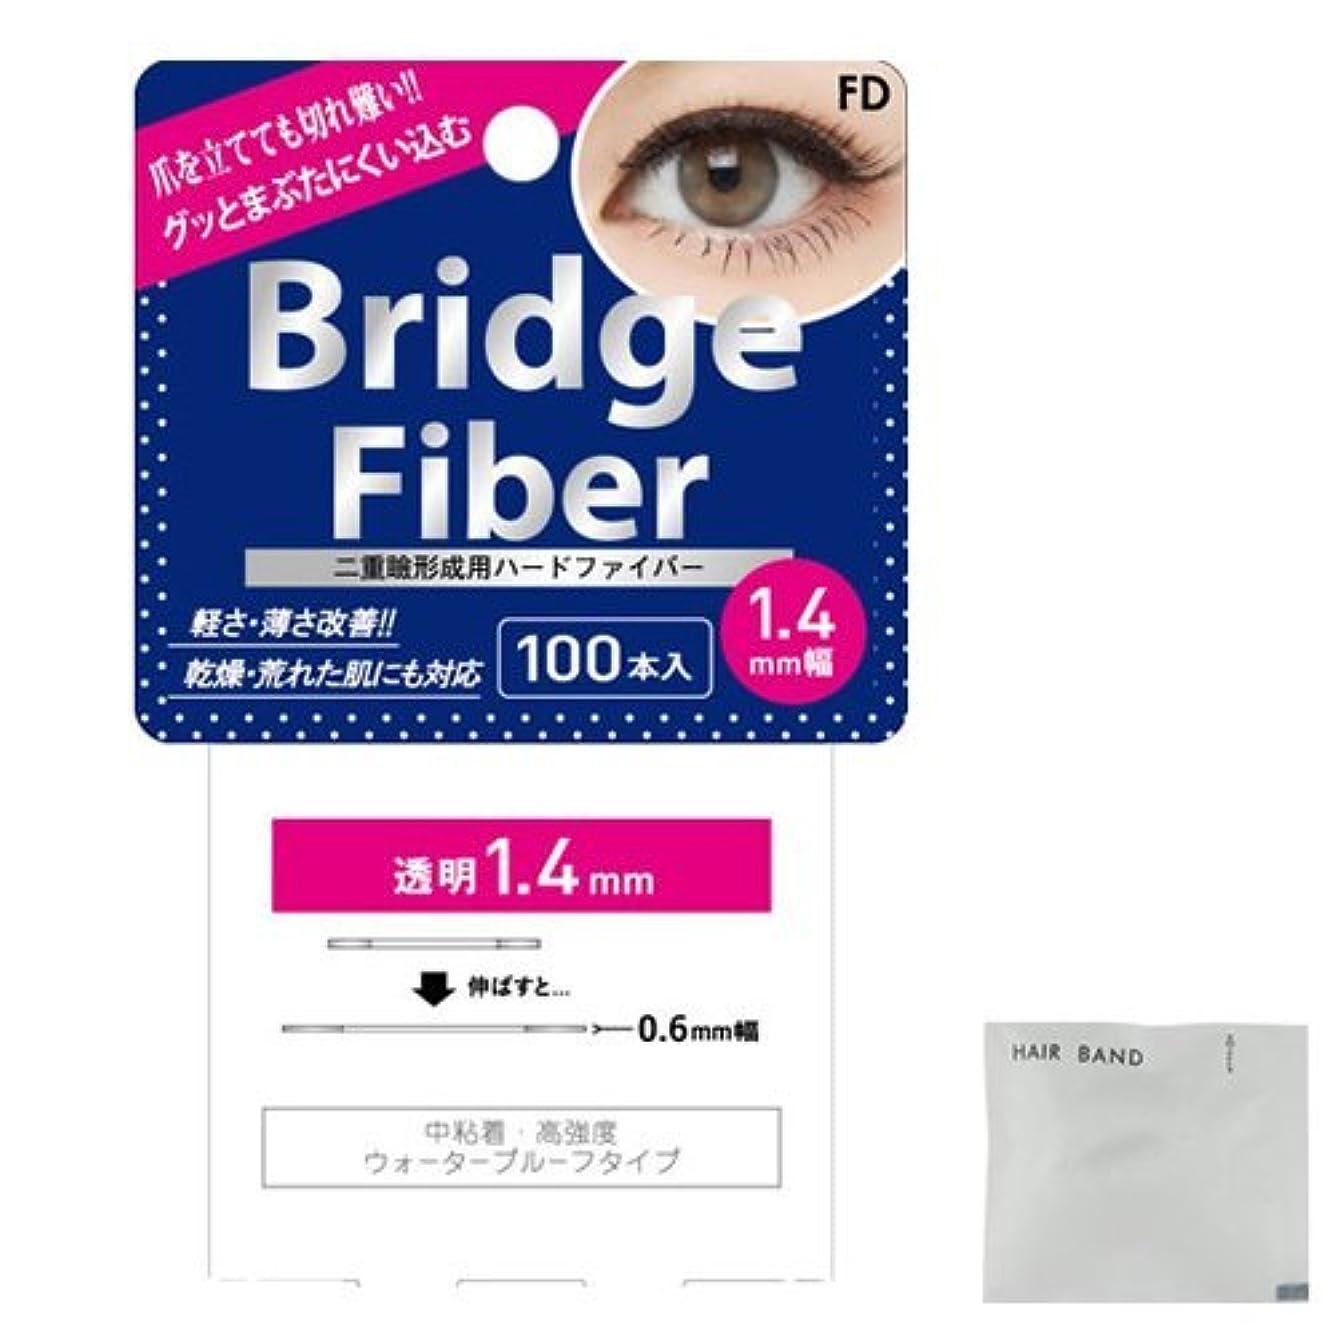 石の分離やむを得ないFD ブリッジファイバーⅡ (Bridge Fiber) クリア1.4mm + ヘアゴム(カラーはおまかせ)セット